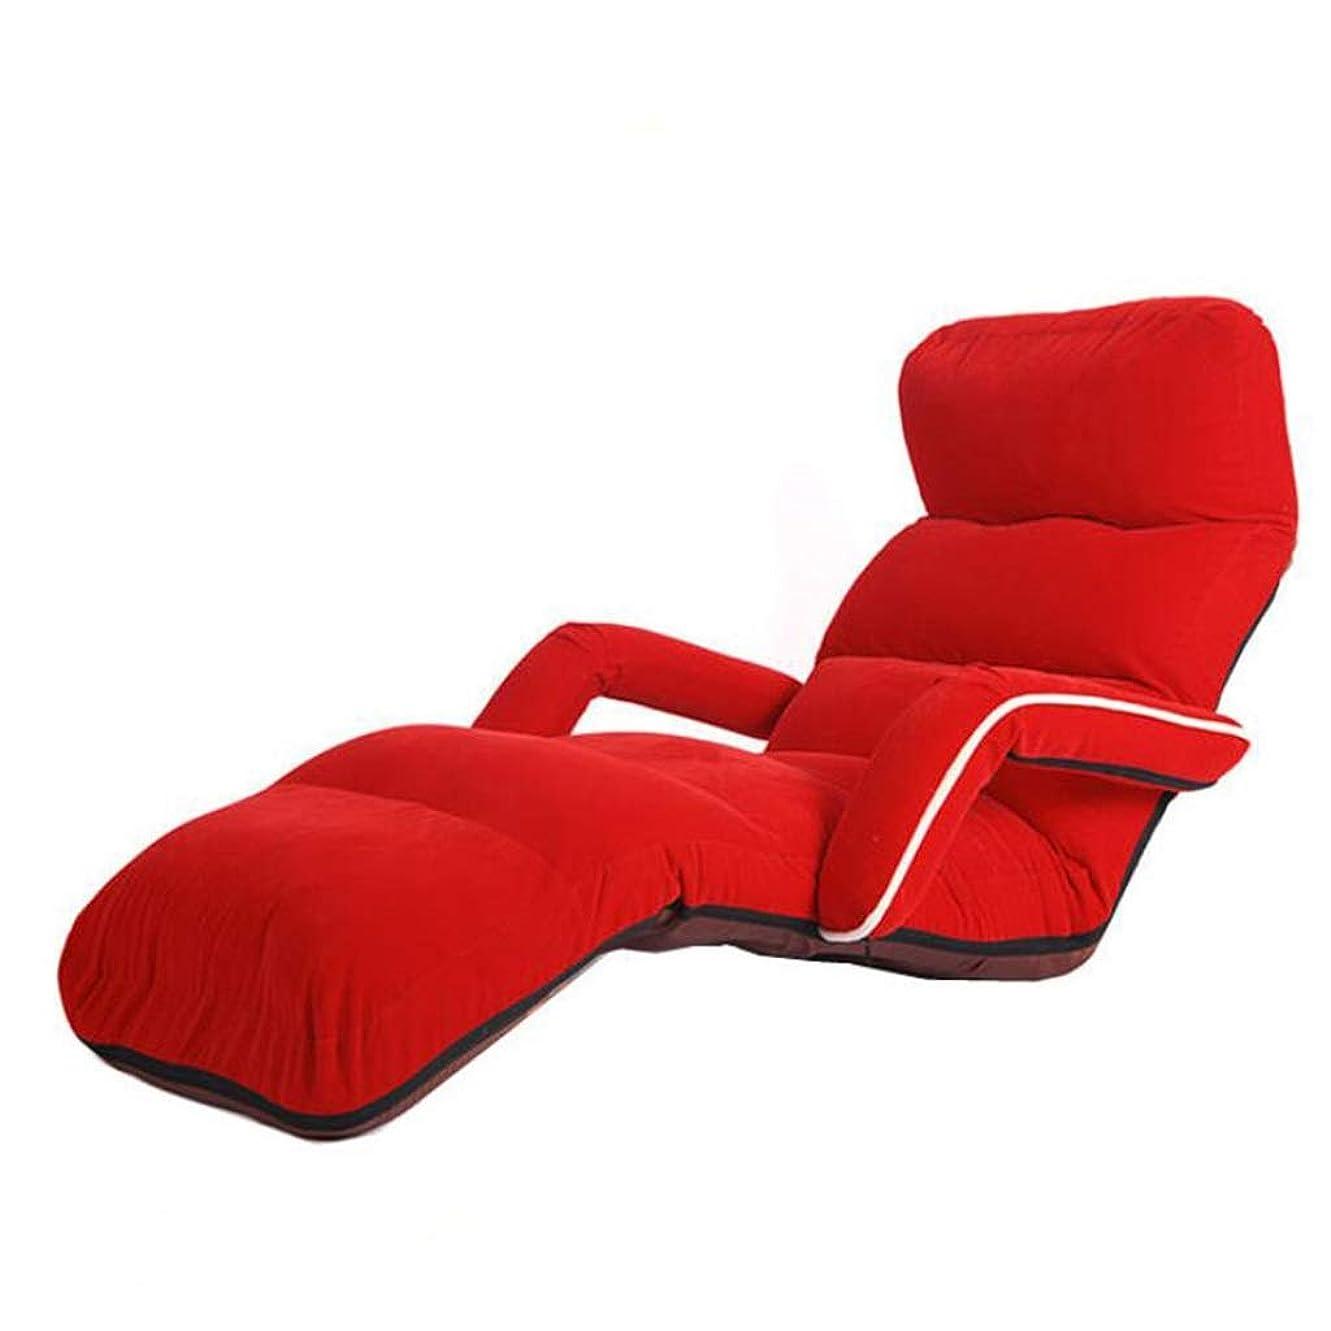 を除く金銭的なつなぐソファ 怠惰なソファ/ピンクのラウンジチェア/寝室の畳のクッション/シングルファブリックのソファ/リビングルーム小さなアパート折りたたみソファベッド/折りたたみ椅子/最高の贈り物 (Color : Red, Size : 178*80*18cm)